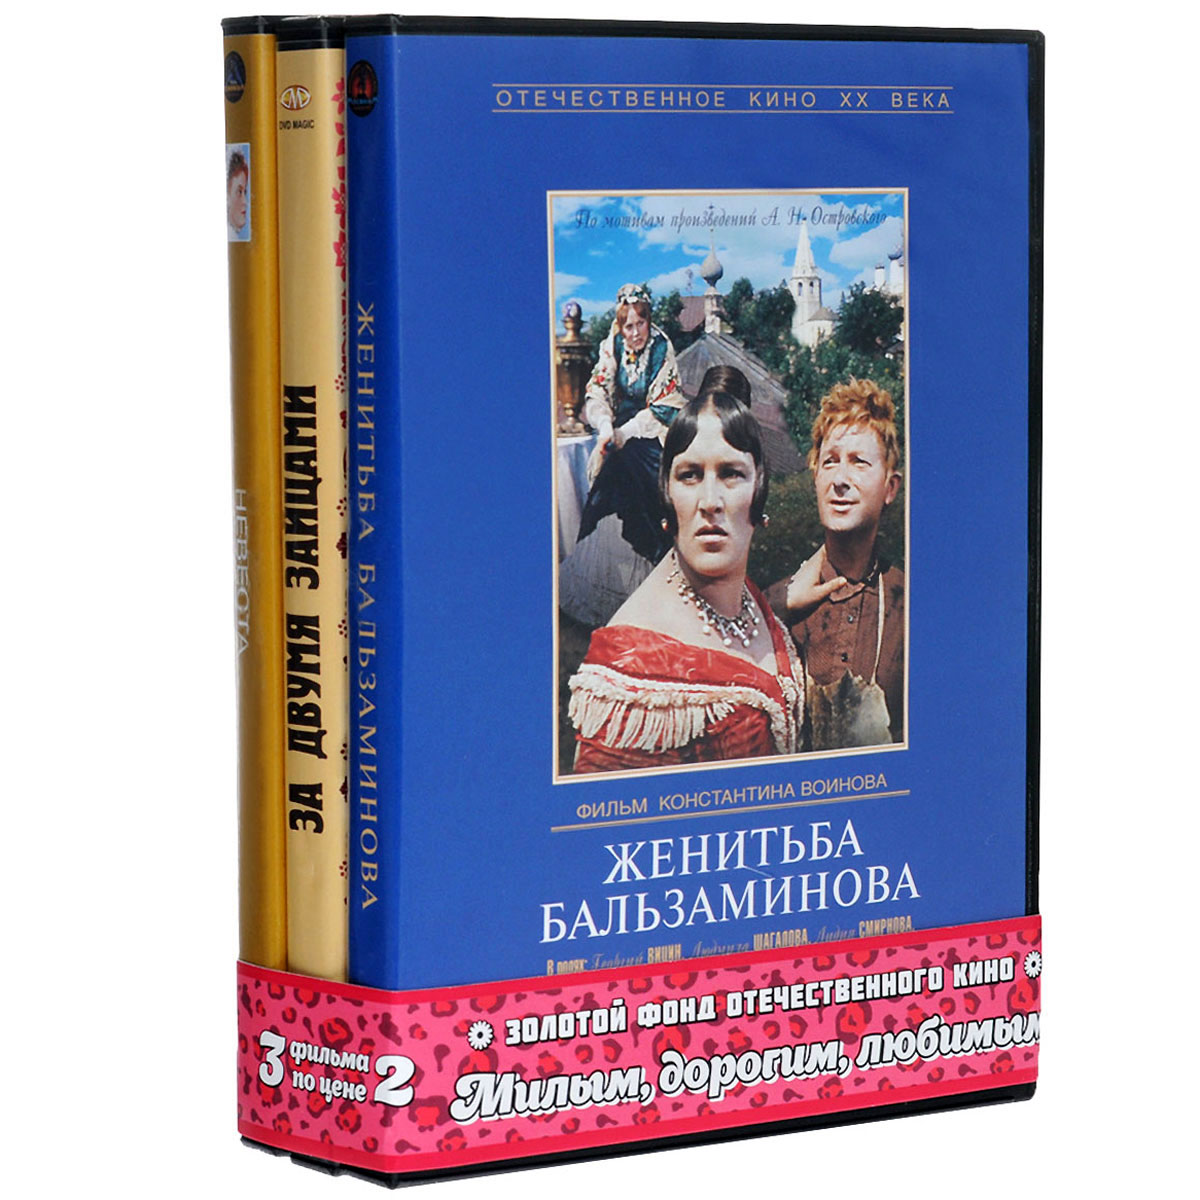 Милым, дорогим, любимым: Женитьба Бальзаминова / За двумя зайцами / Невеста (3 DVD)